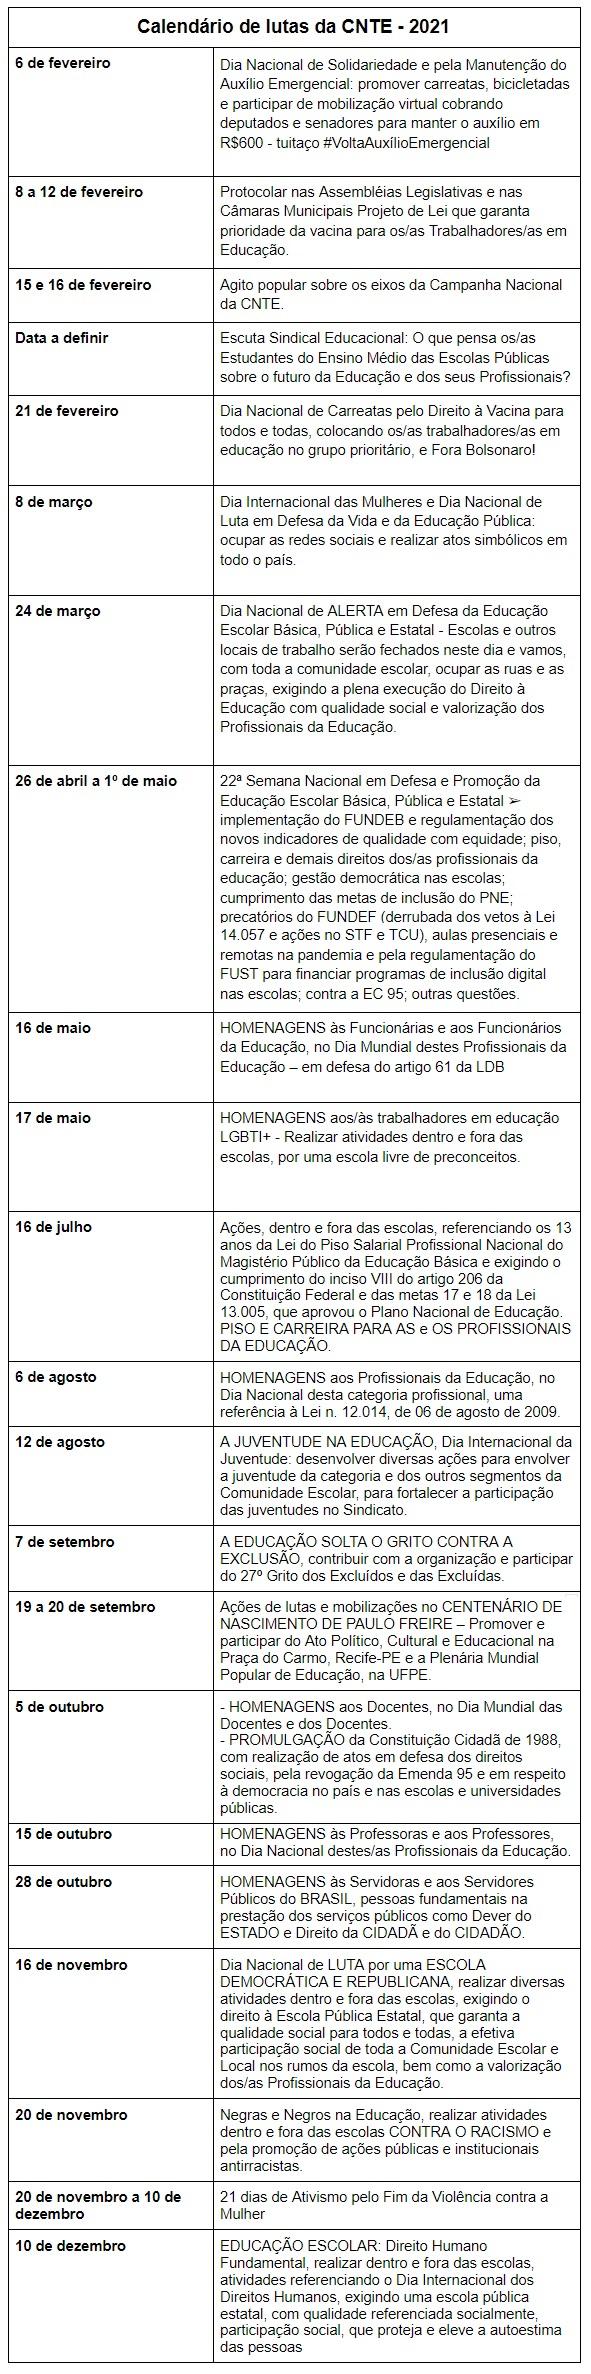 2021 02 04 tabela calendario lutas cnte 2021